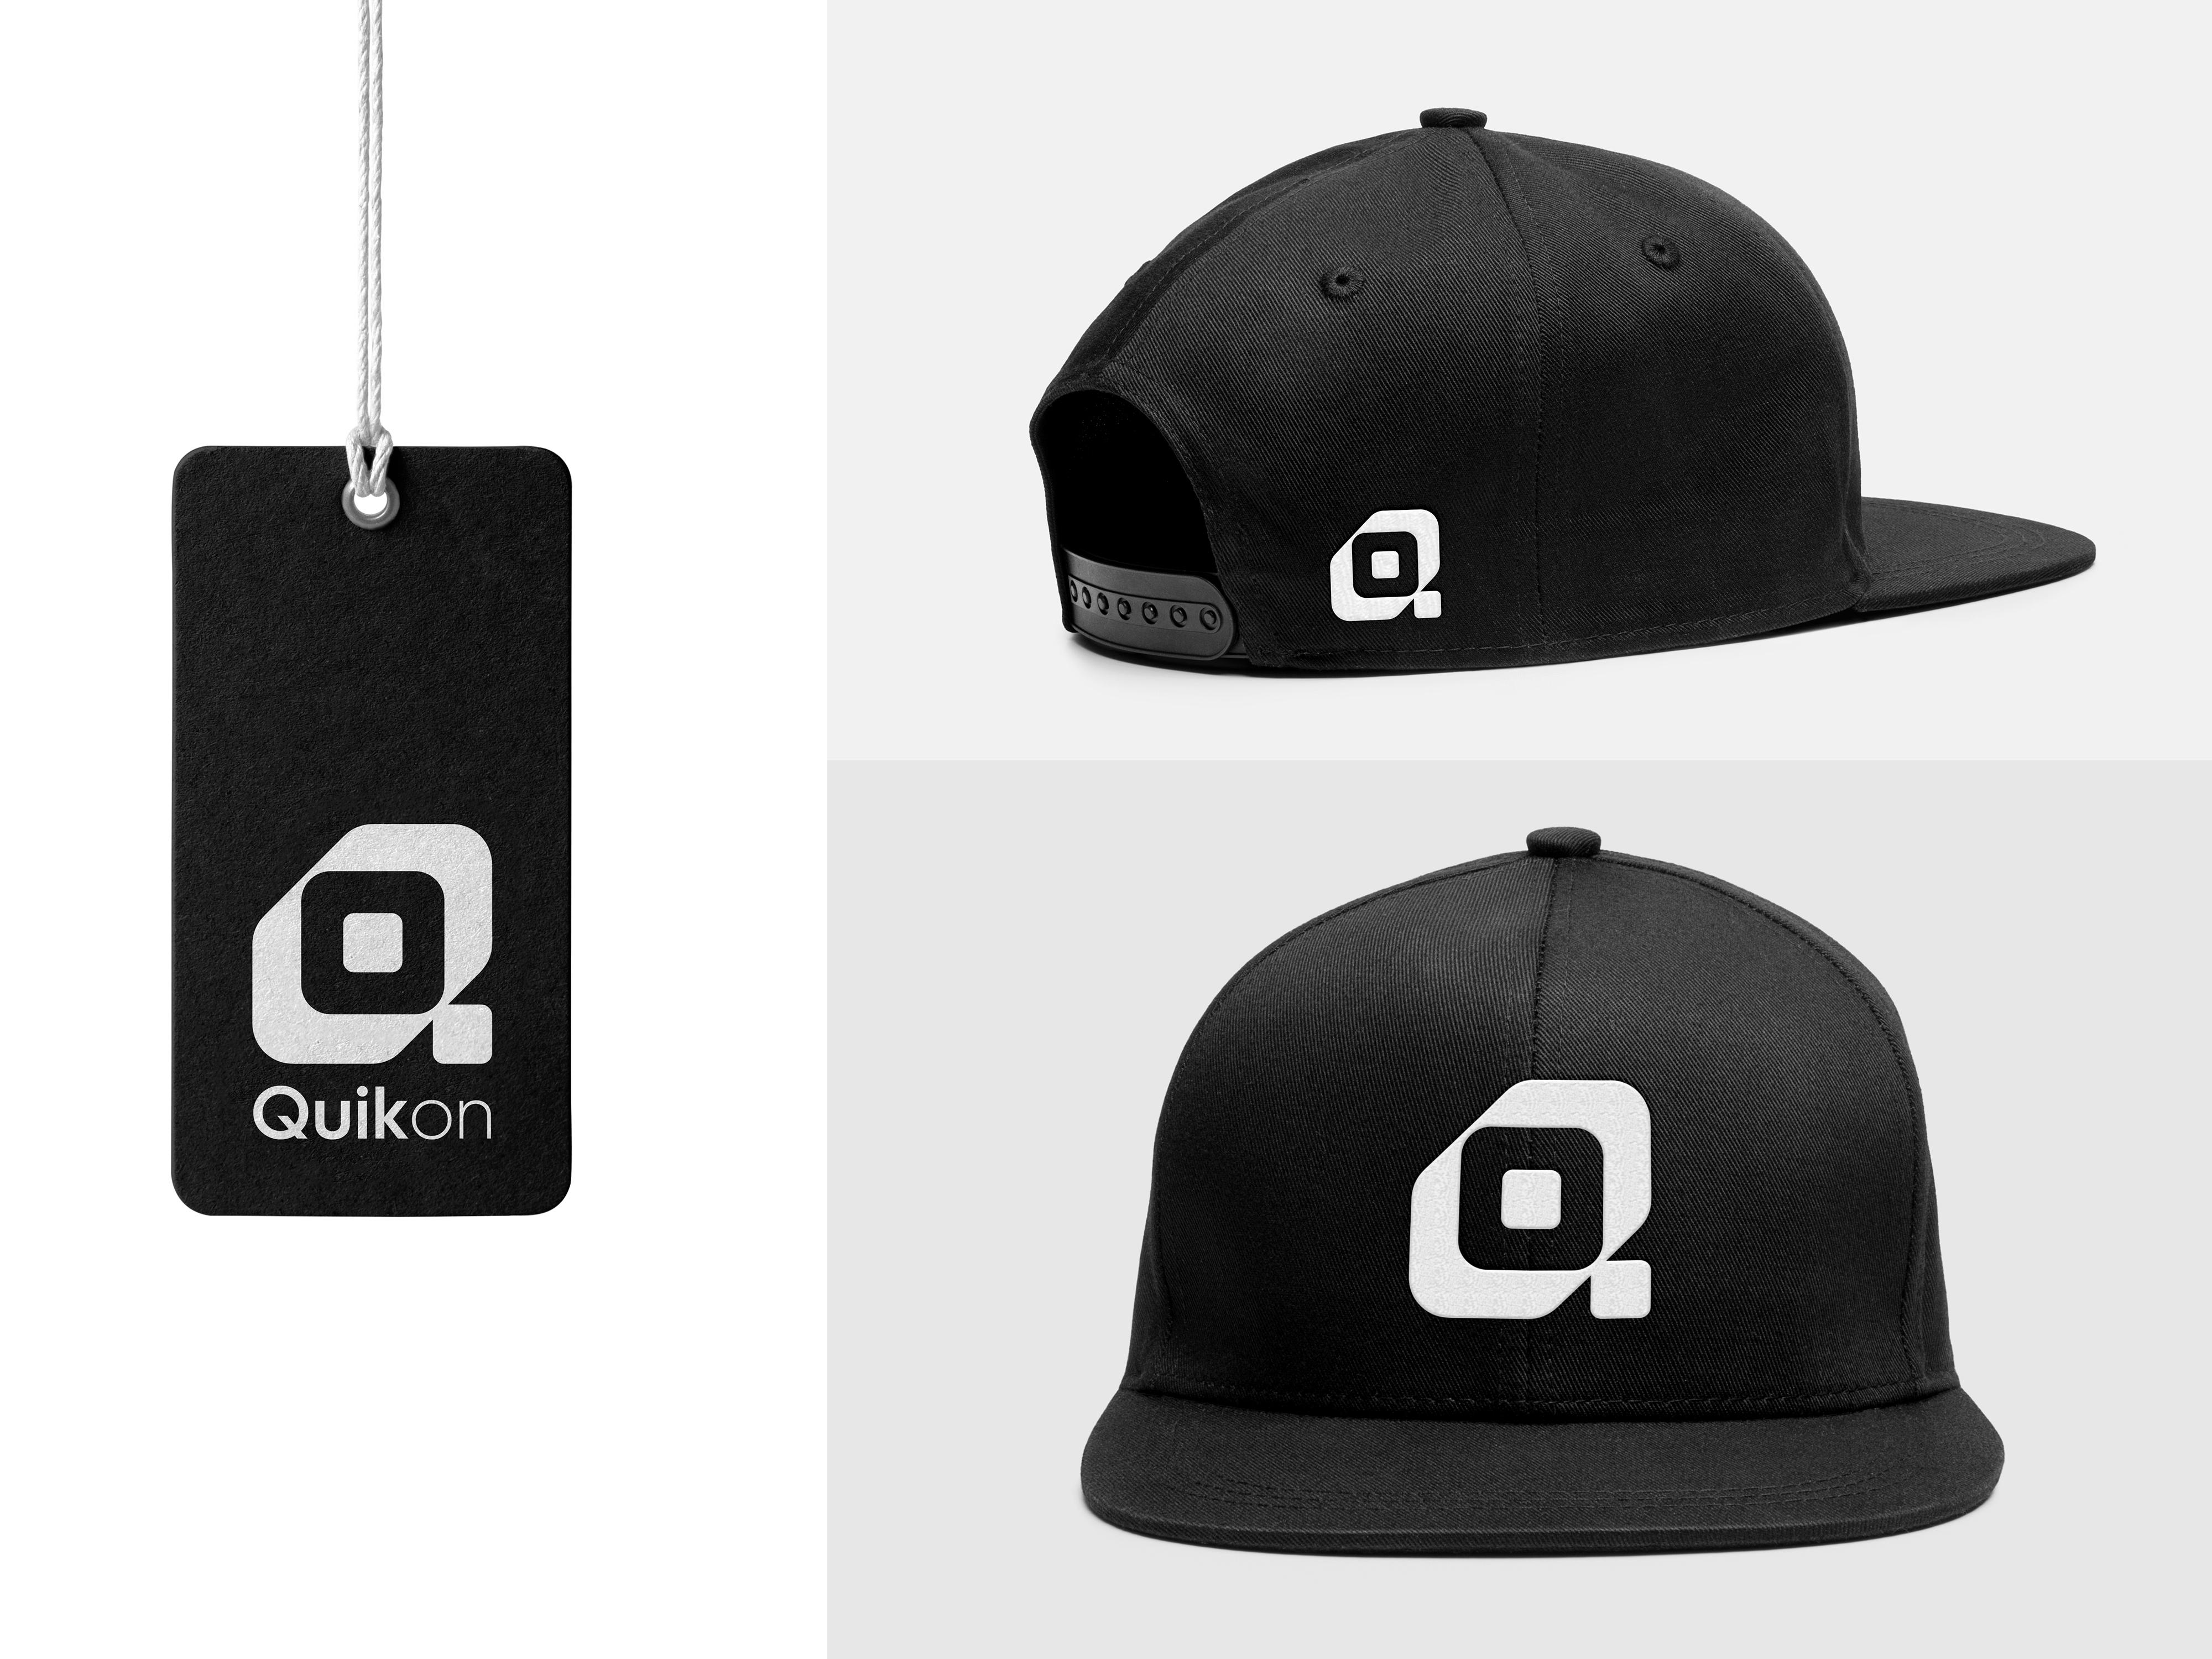 Quikon1 drb2